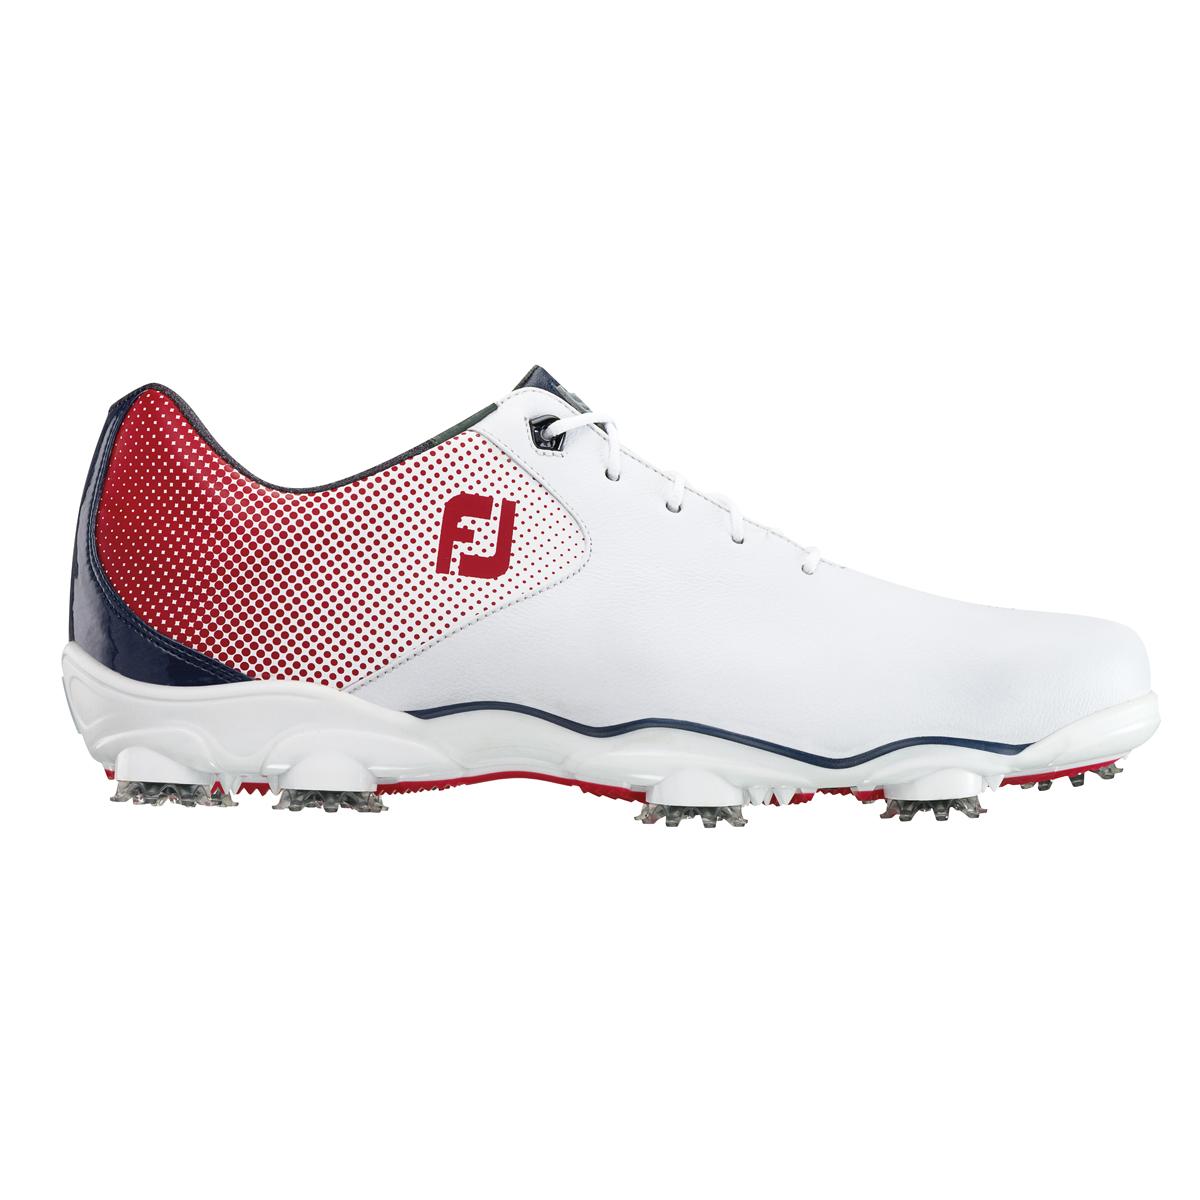 8bcfcba25e79 FootJoy D.N.A. Helix Men s Golf Shoe - White Red